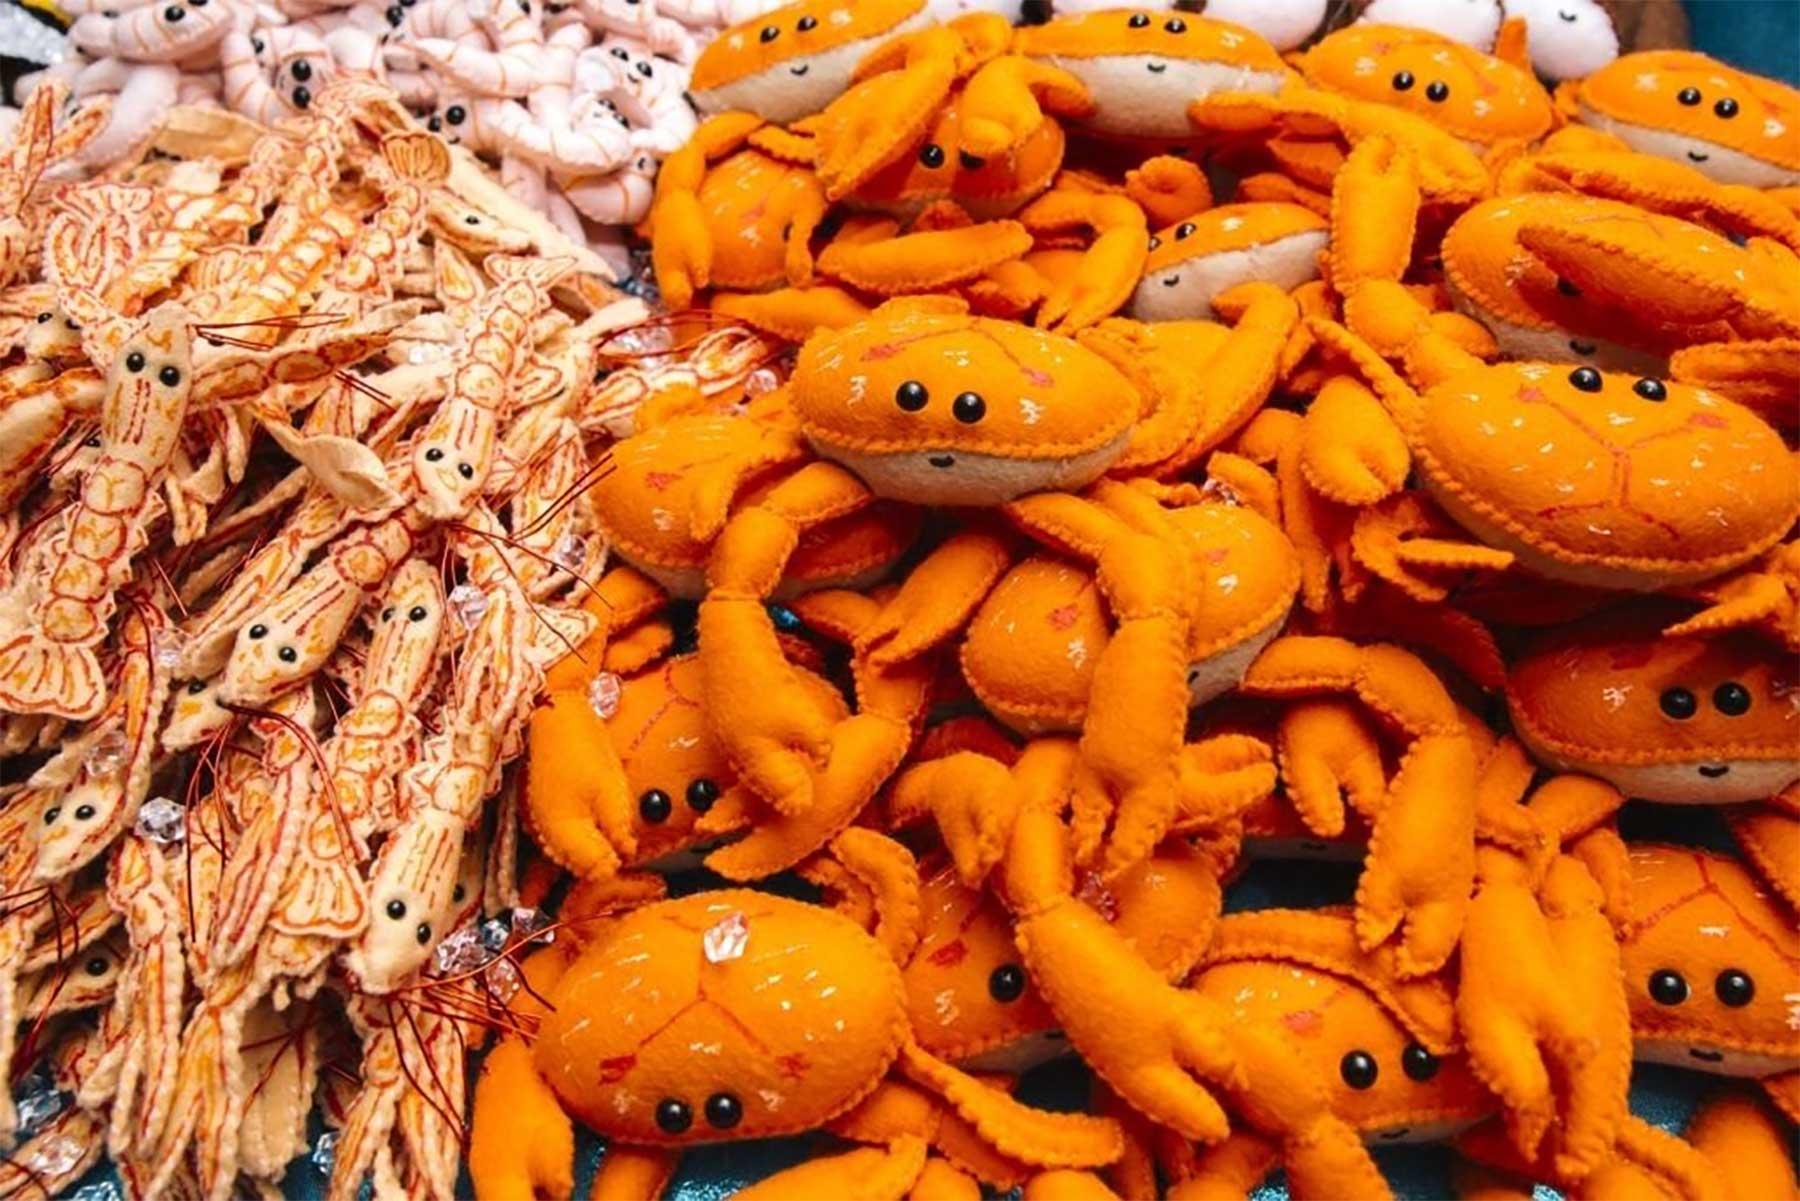 Backwaren und Meeresfrüchte aus Filz Lucy-Sparrow-filzfisch-deli_01